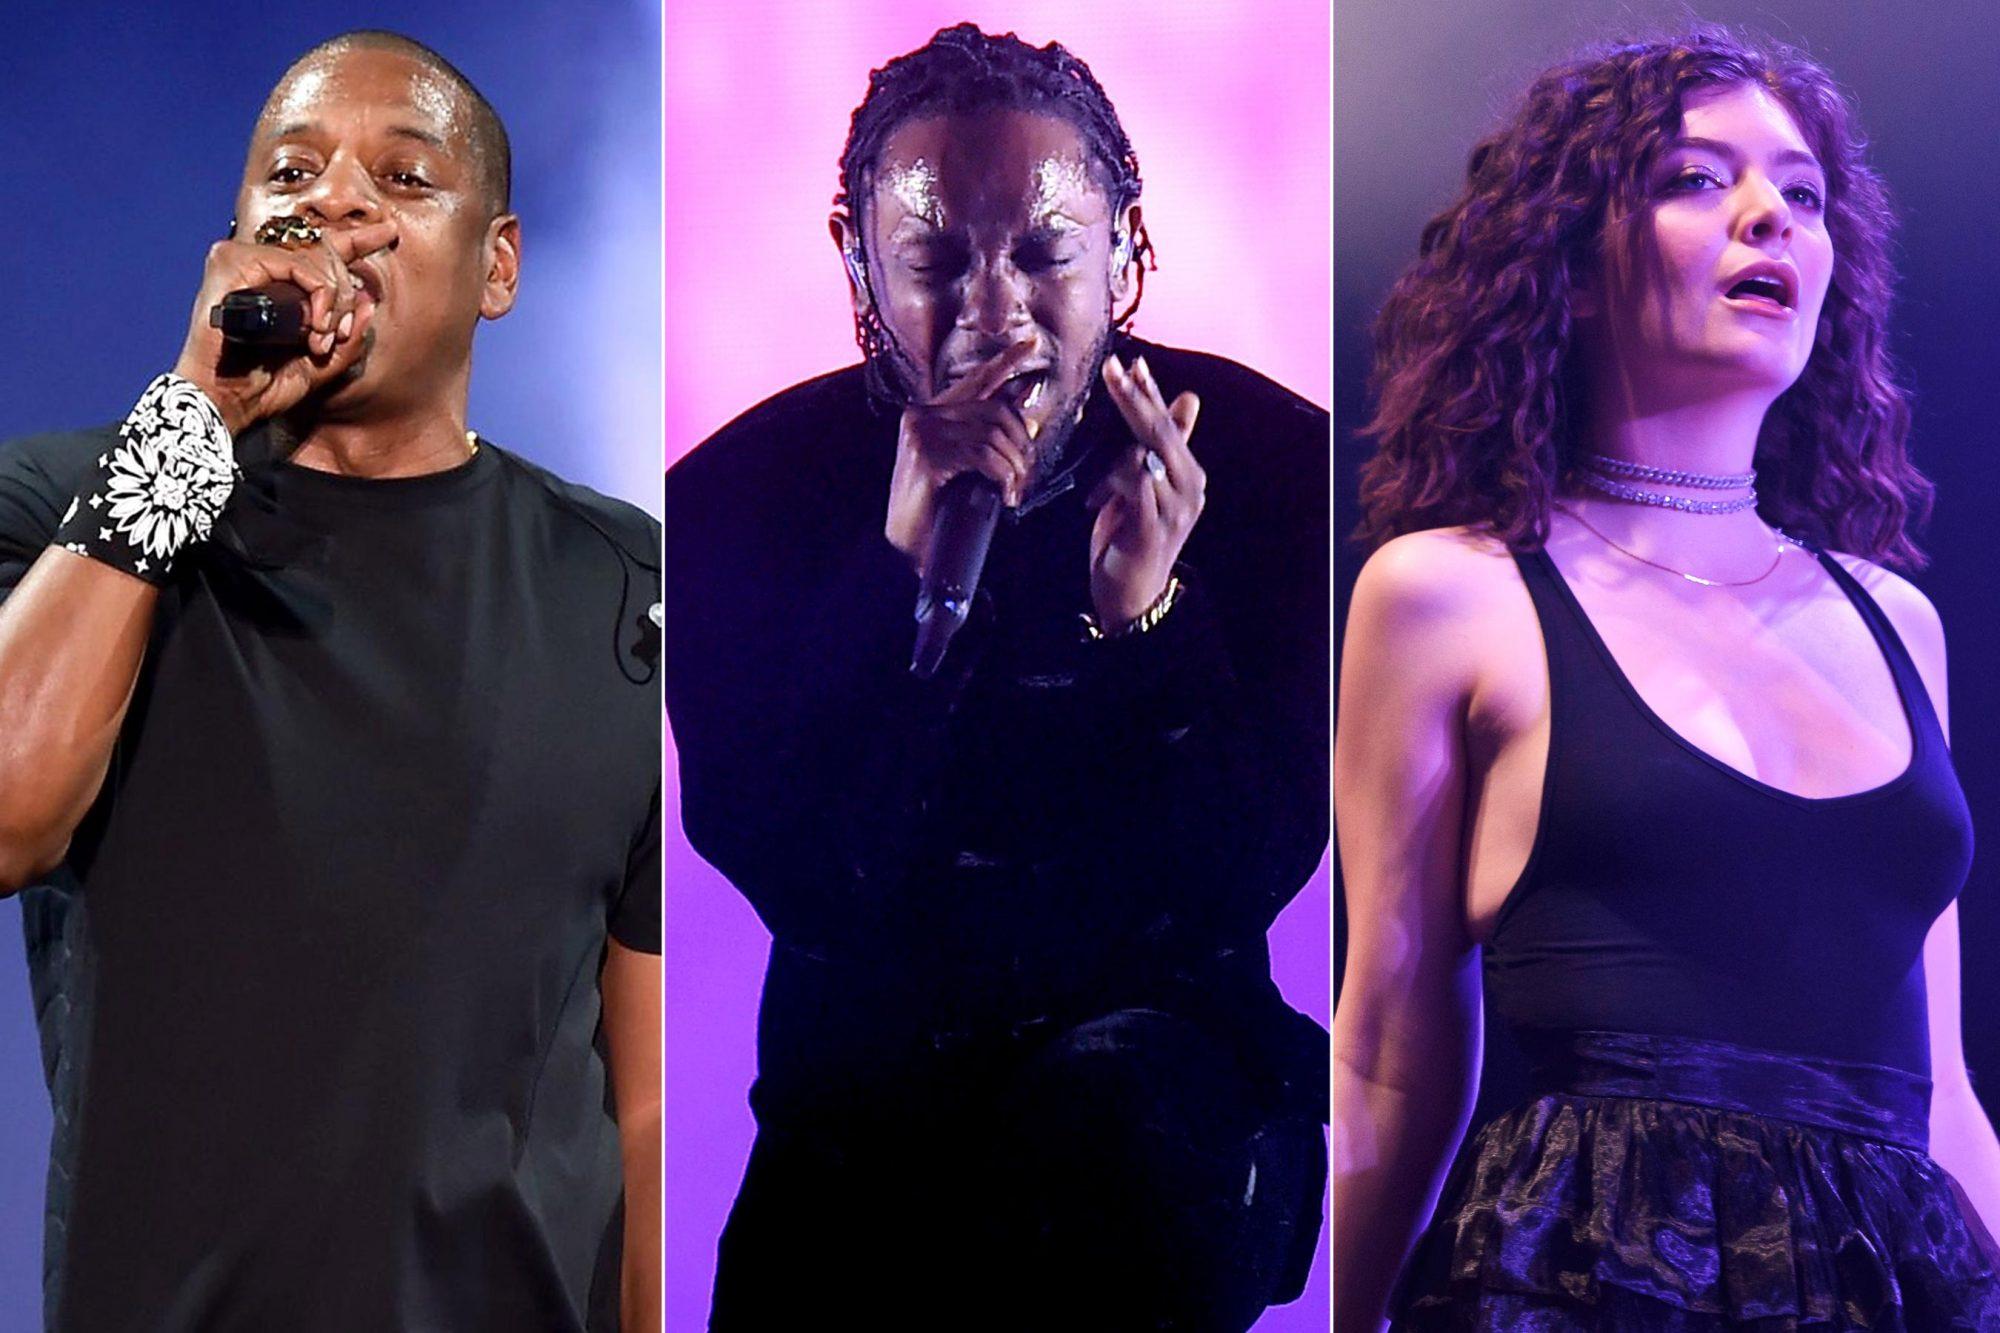 Jay-Z-Lorde-Kendrick-Lamar